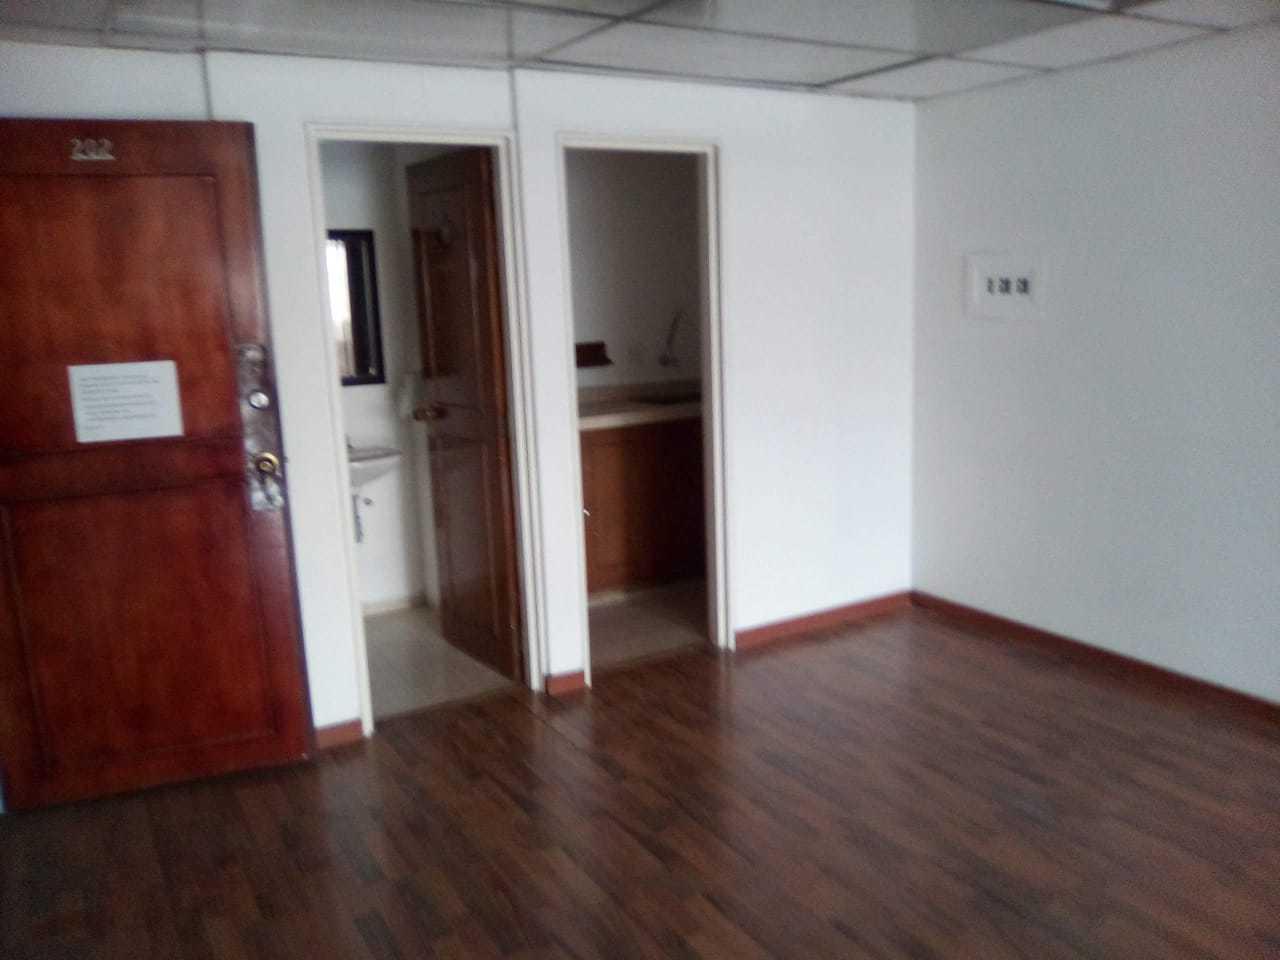 Oficina en Santa Barbara Occidental 7194, foto 1